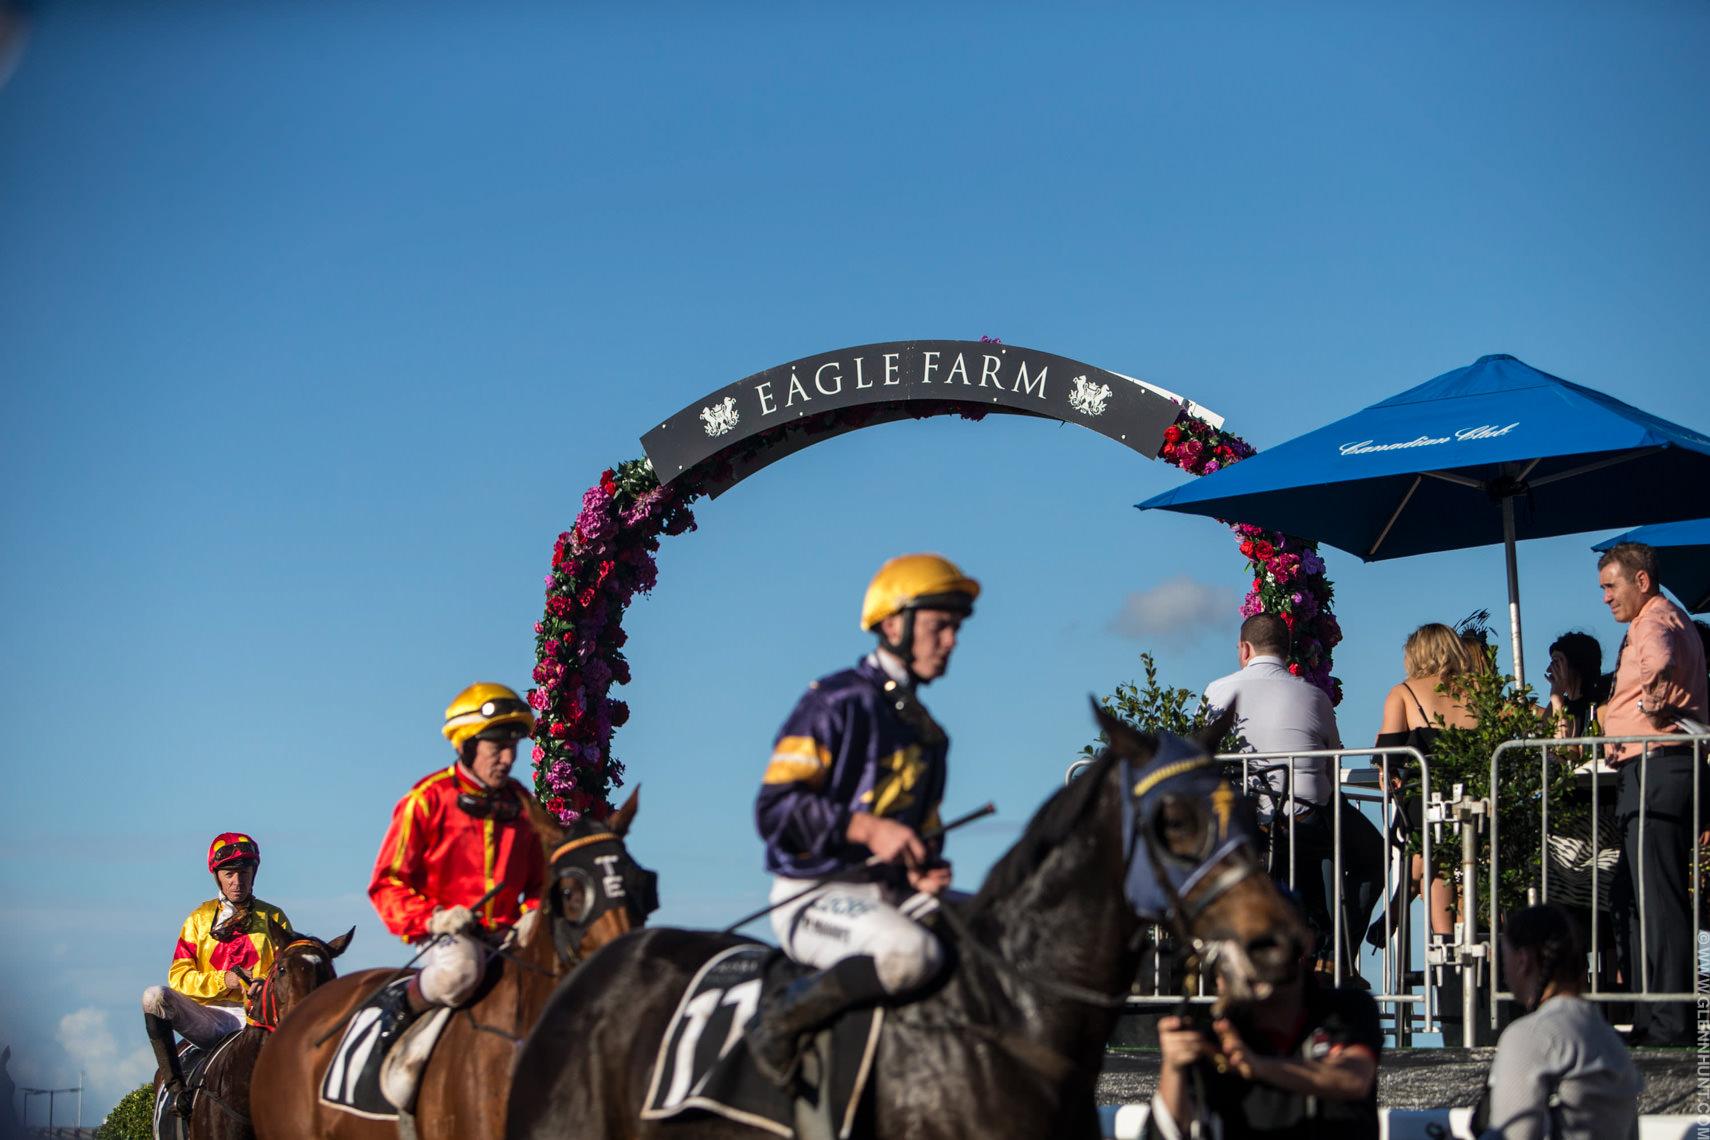 Eagle Farm Brisbane Racing Club